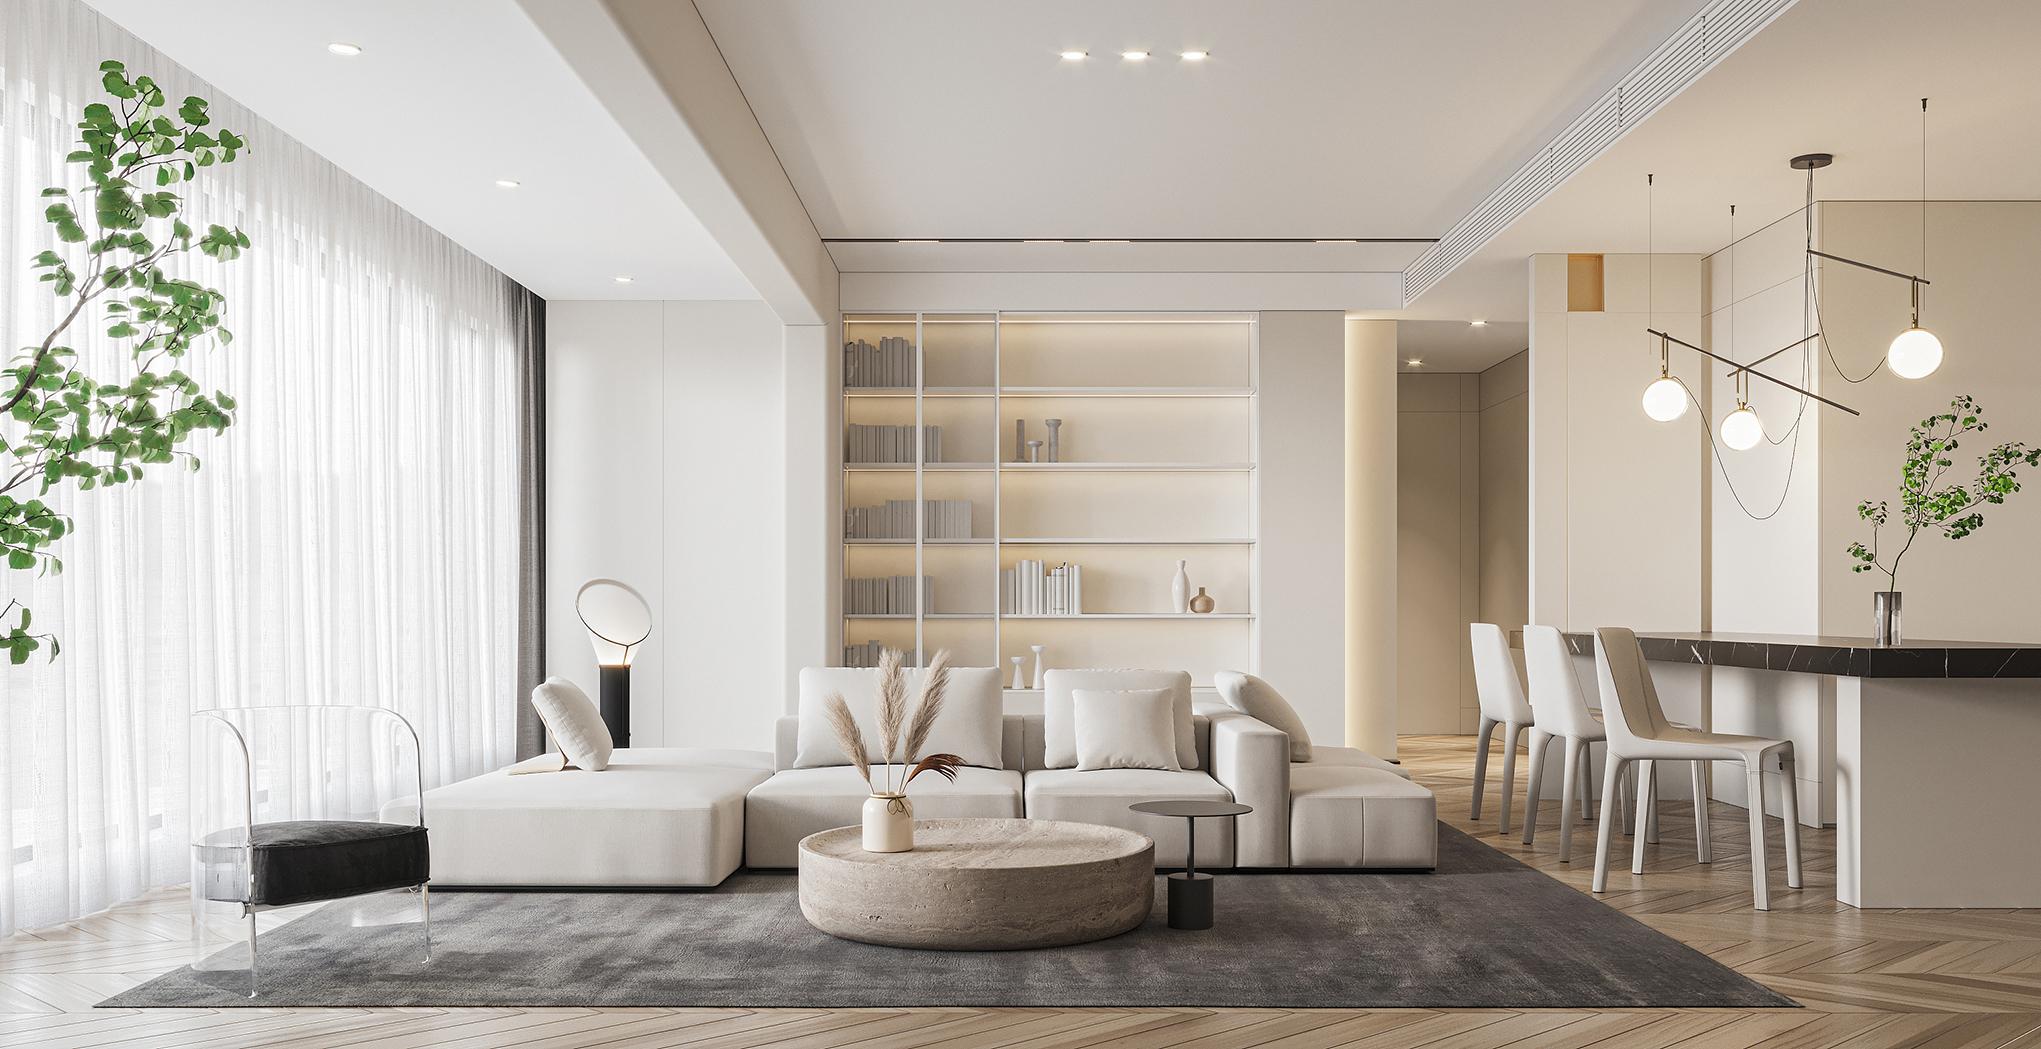 【总监操刀】家装设计室内设计 别墅自建房效果图设计 现代简约